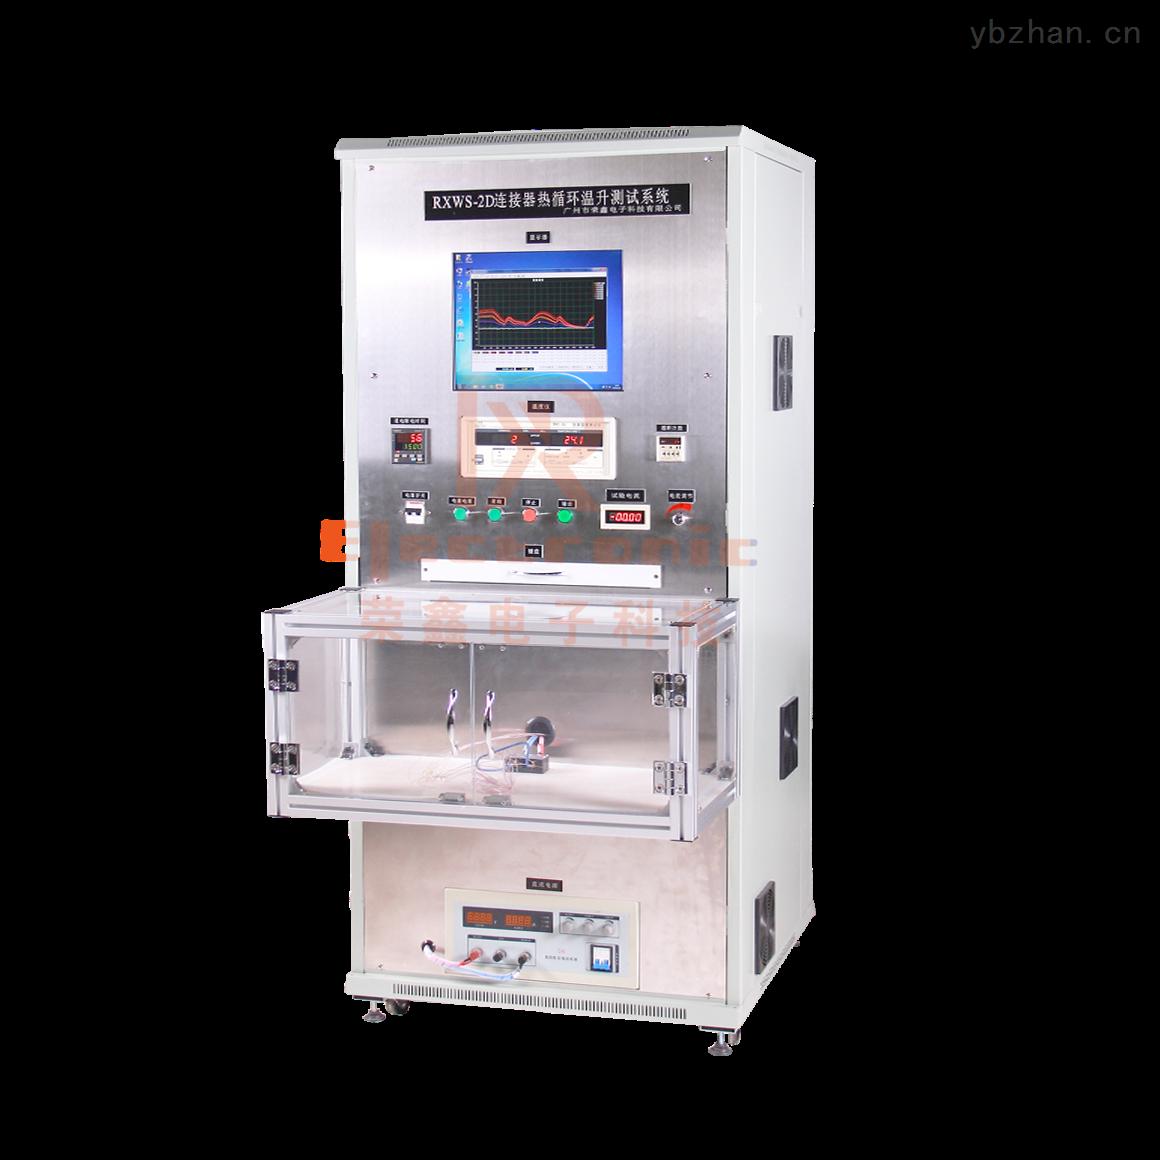 RXWS-2-榮鑫電子連接器熱循環溫升測試臺